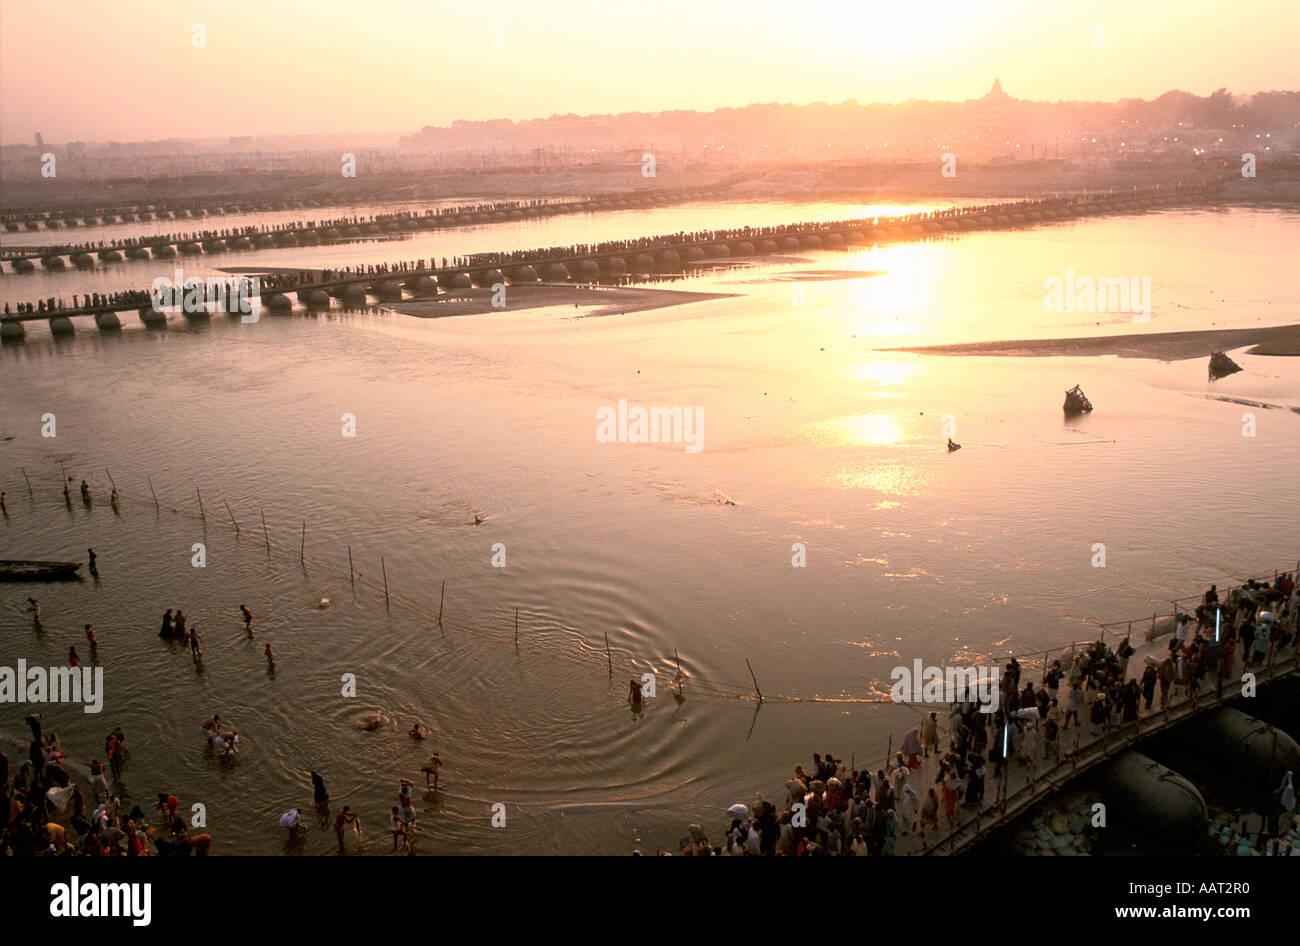 L'INDE Kumbh Mela 2001 ALORS QUE LE SOLEIL SE COUCHE SUR ALLAHABAD beaucoup de pèlerins se baignent ET Photo Stock